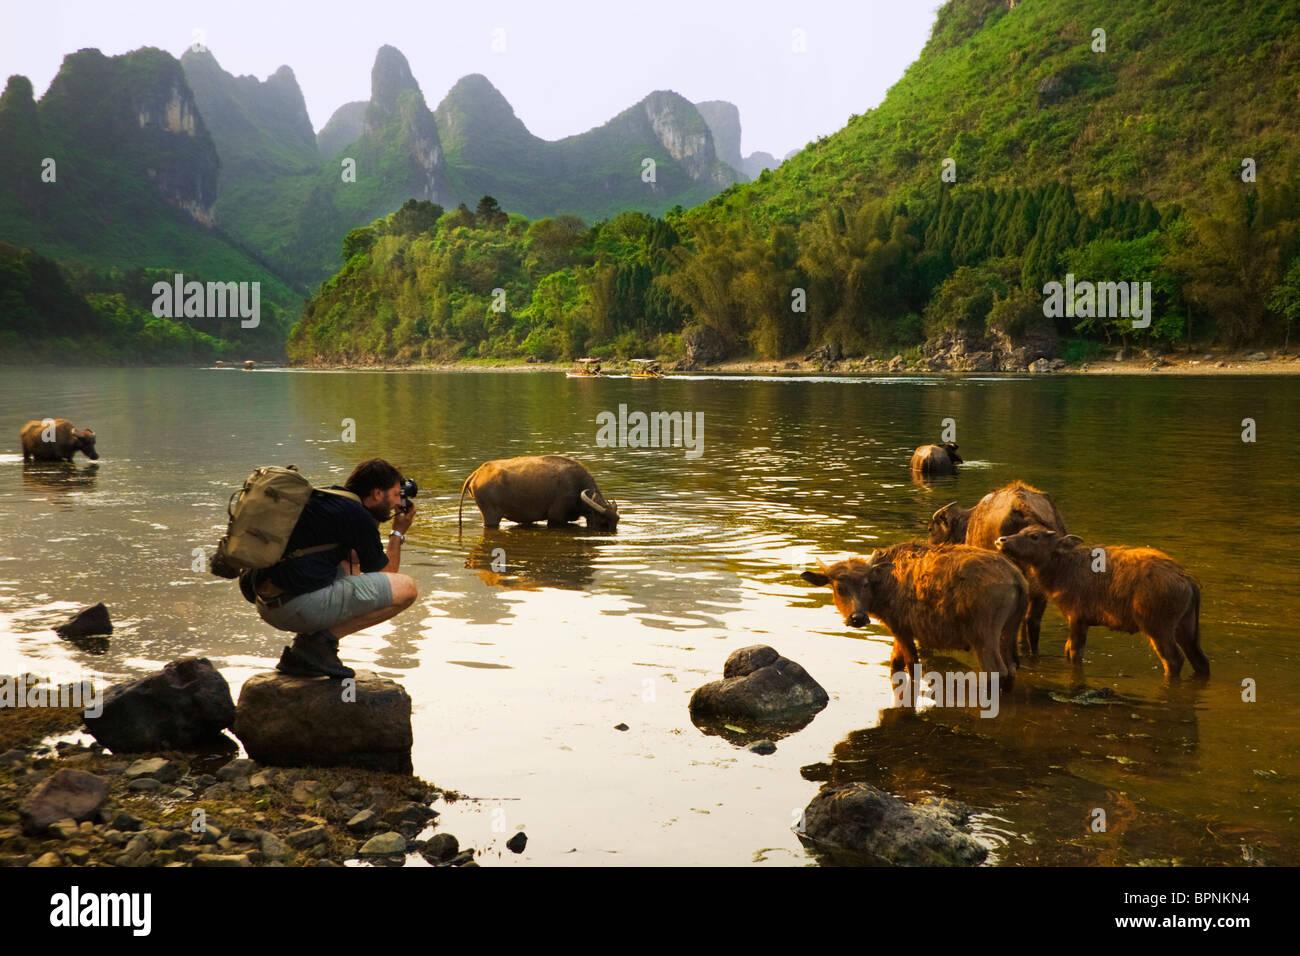 Un turista toma una foto de un búfalo en Yangshuo, Guangxi, China. Asia Foto de stock